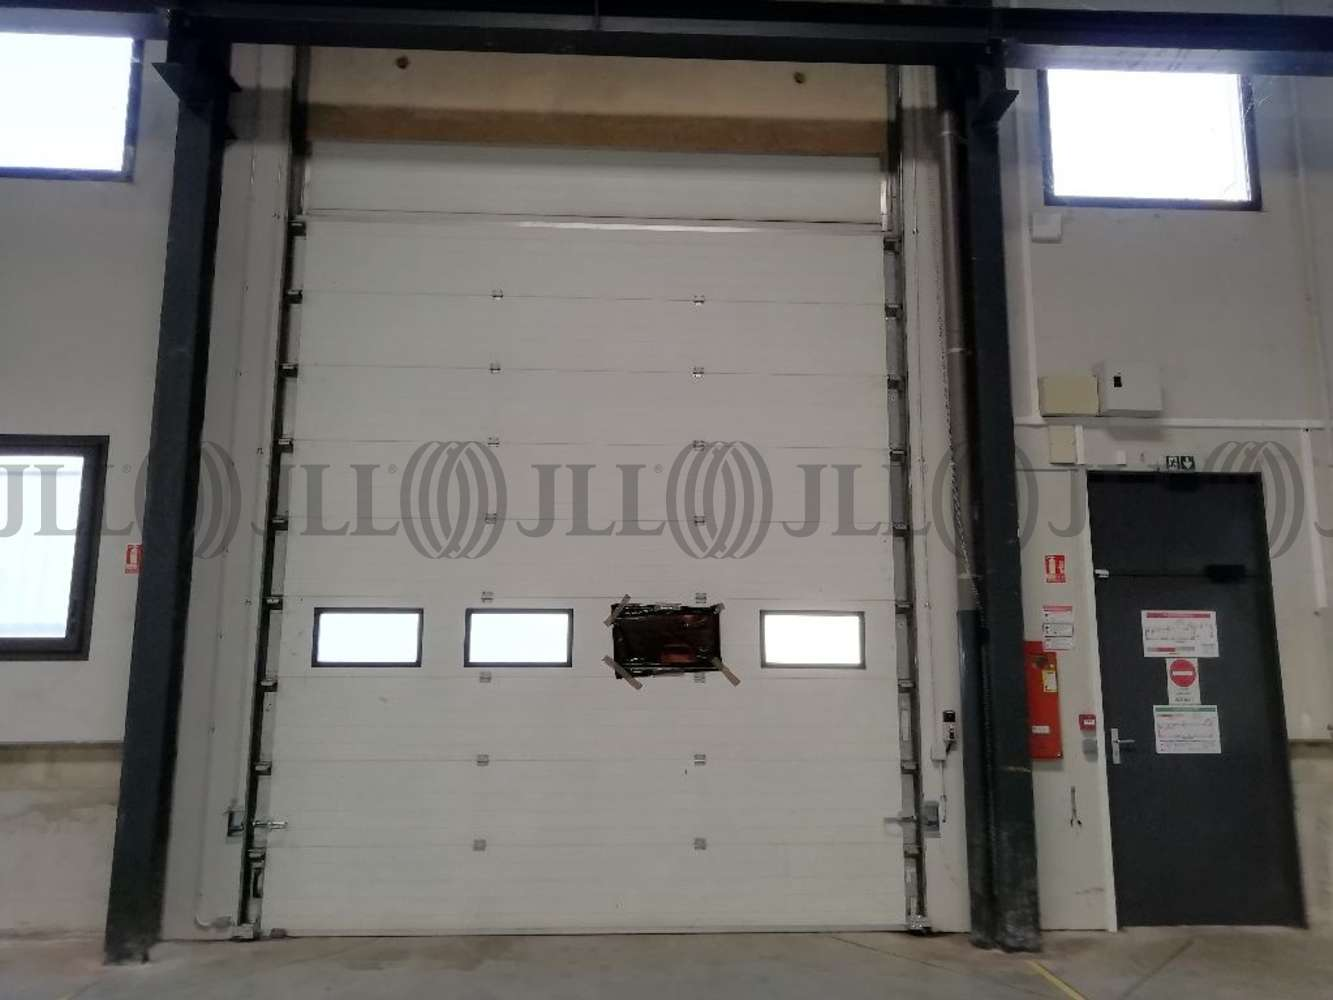 Activités/entrepôt Chassieu, 69680 - LOCATION LOCAUX D'ACTIVITÉ CHASSIEU - 9761646